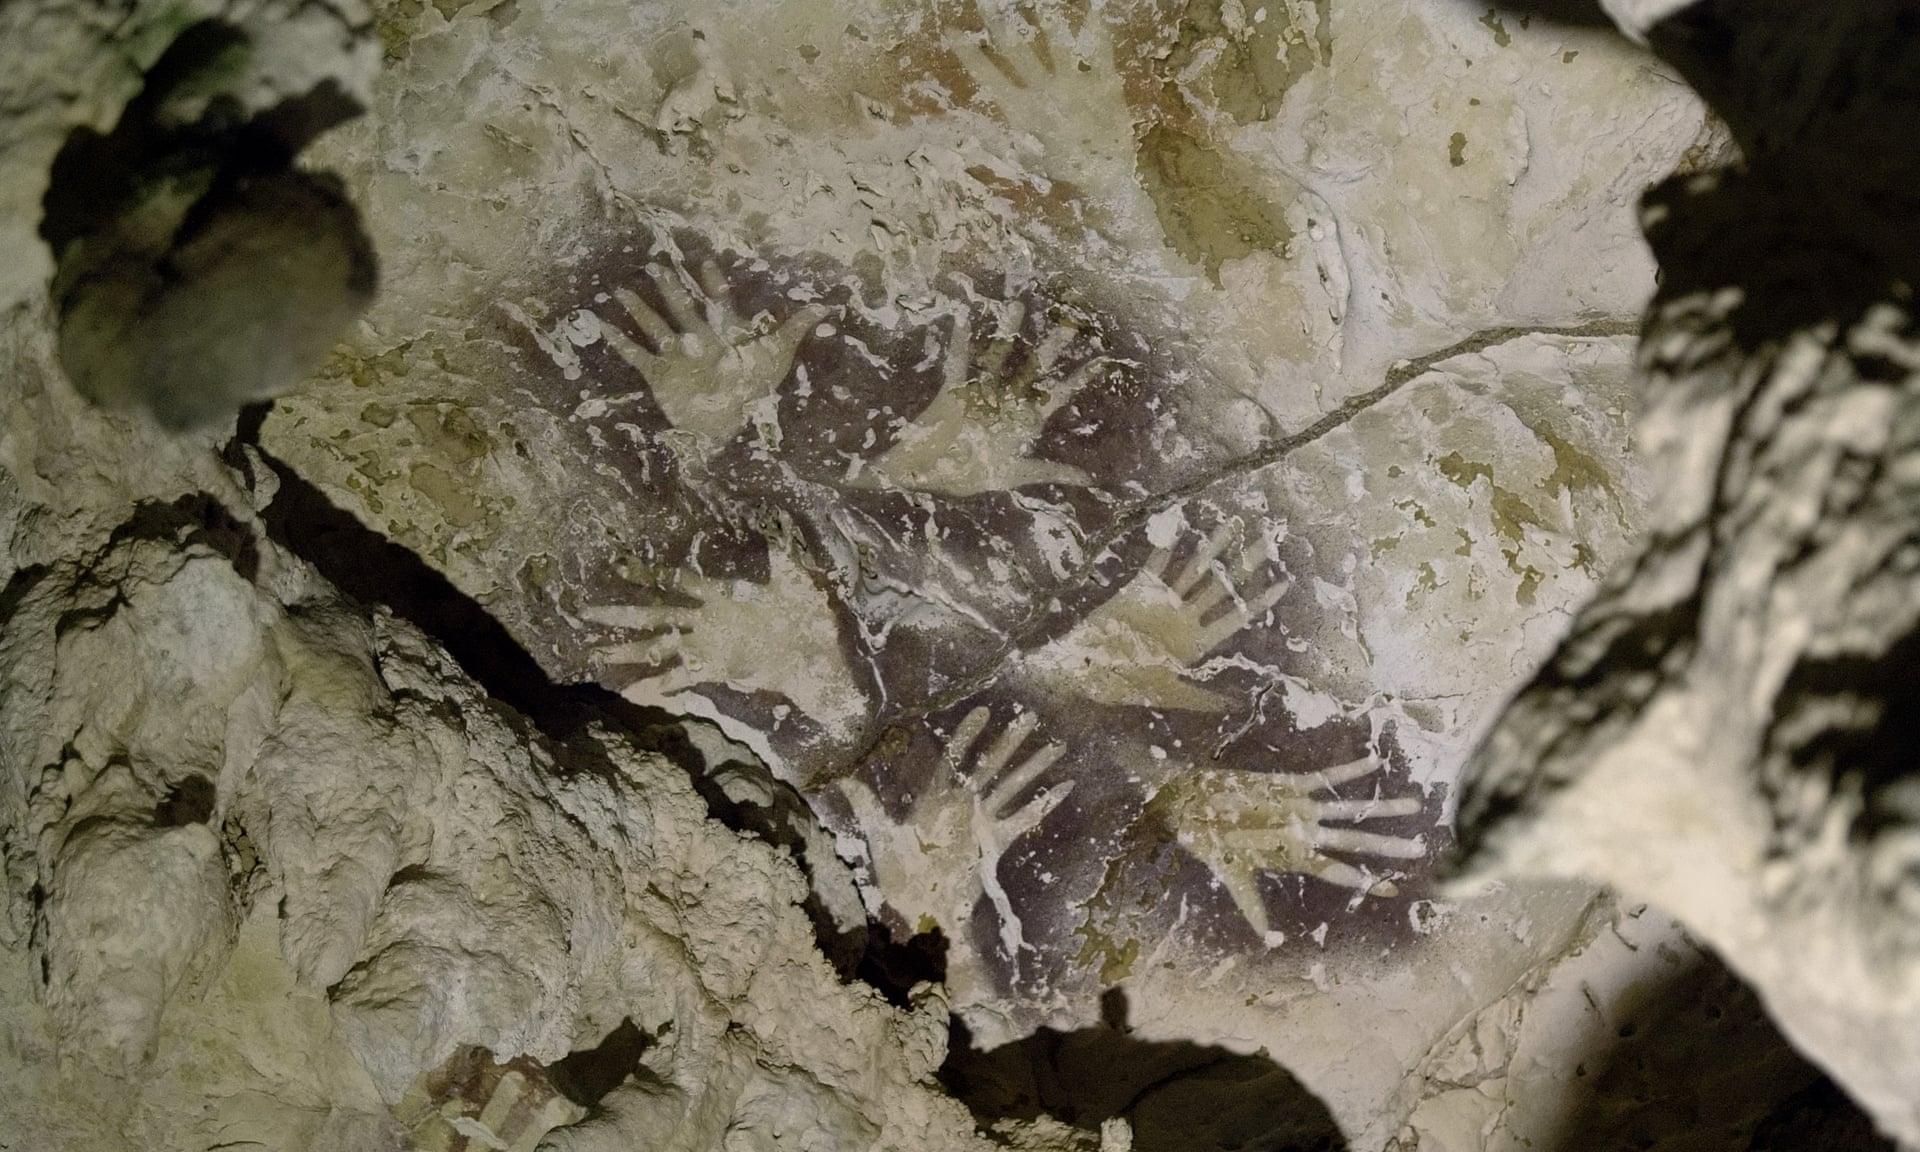 Οι ειδικοί χρονολόγησαν δύο άλλες ζωγραφιές περιγραμμάτων παλάμης που βρέθηκαν στο ίδιο σπήλαιο, τη μία πριν από 37.200 και την άλλη πάνω από 51.000 χρόνια. (Φωτό: Kinez Riz)